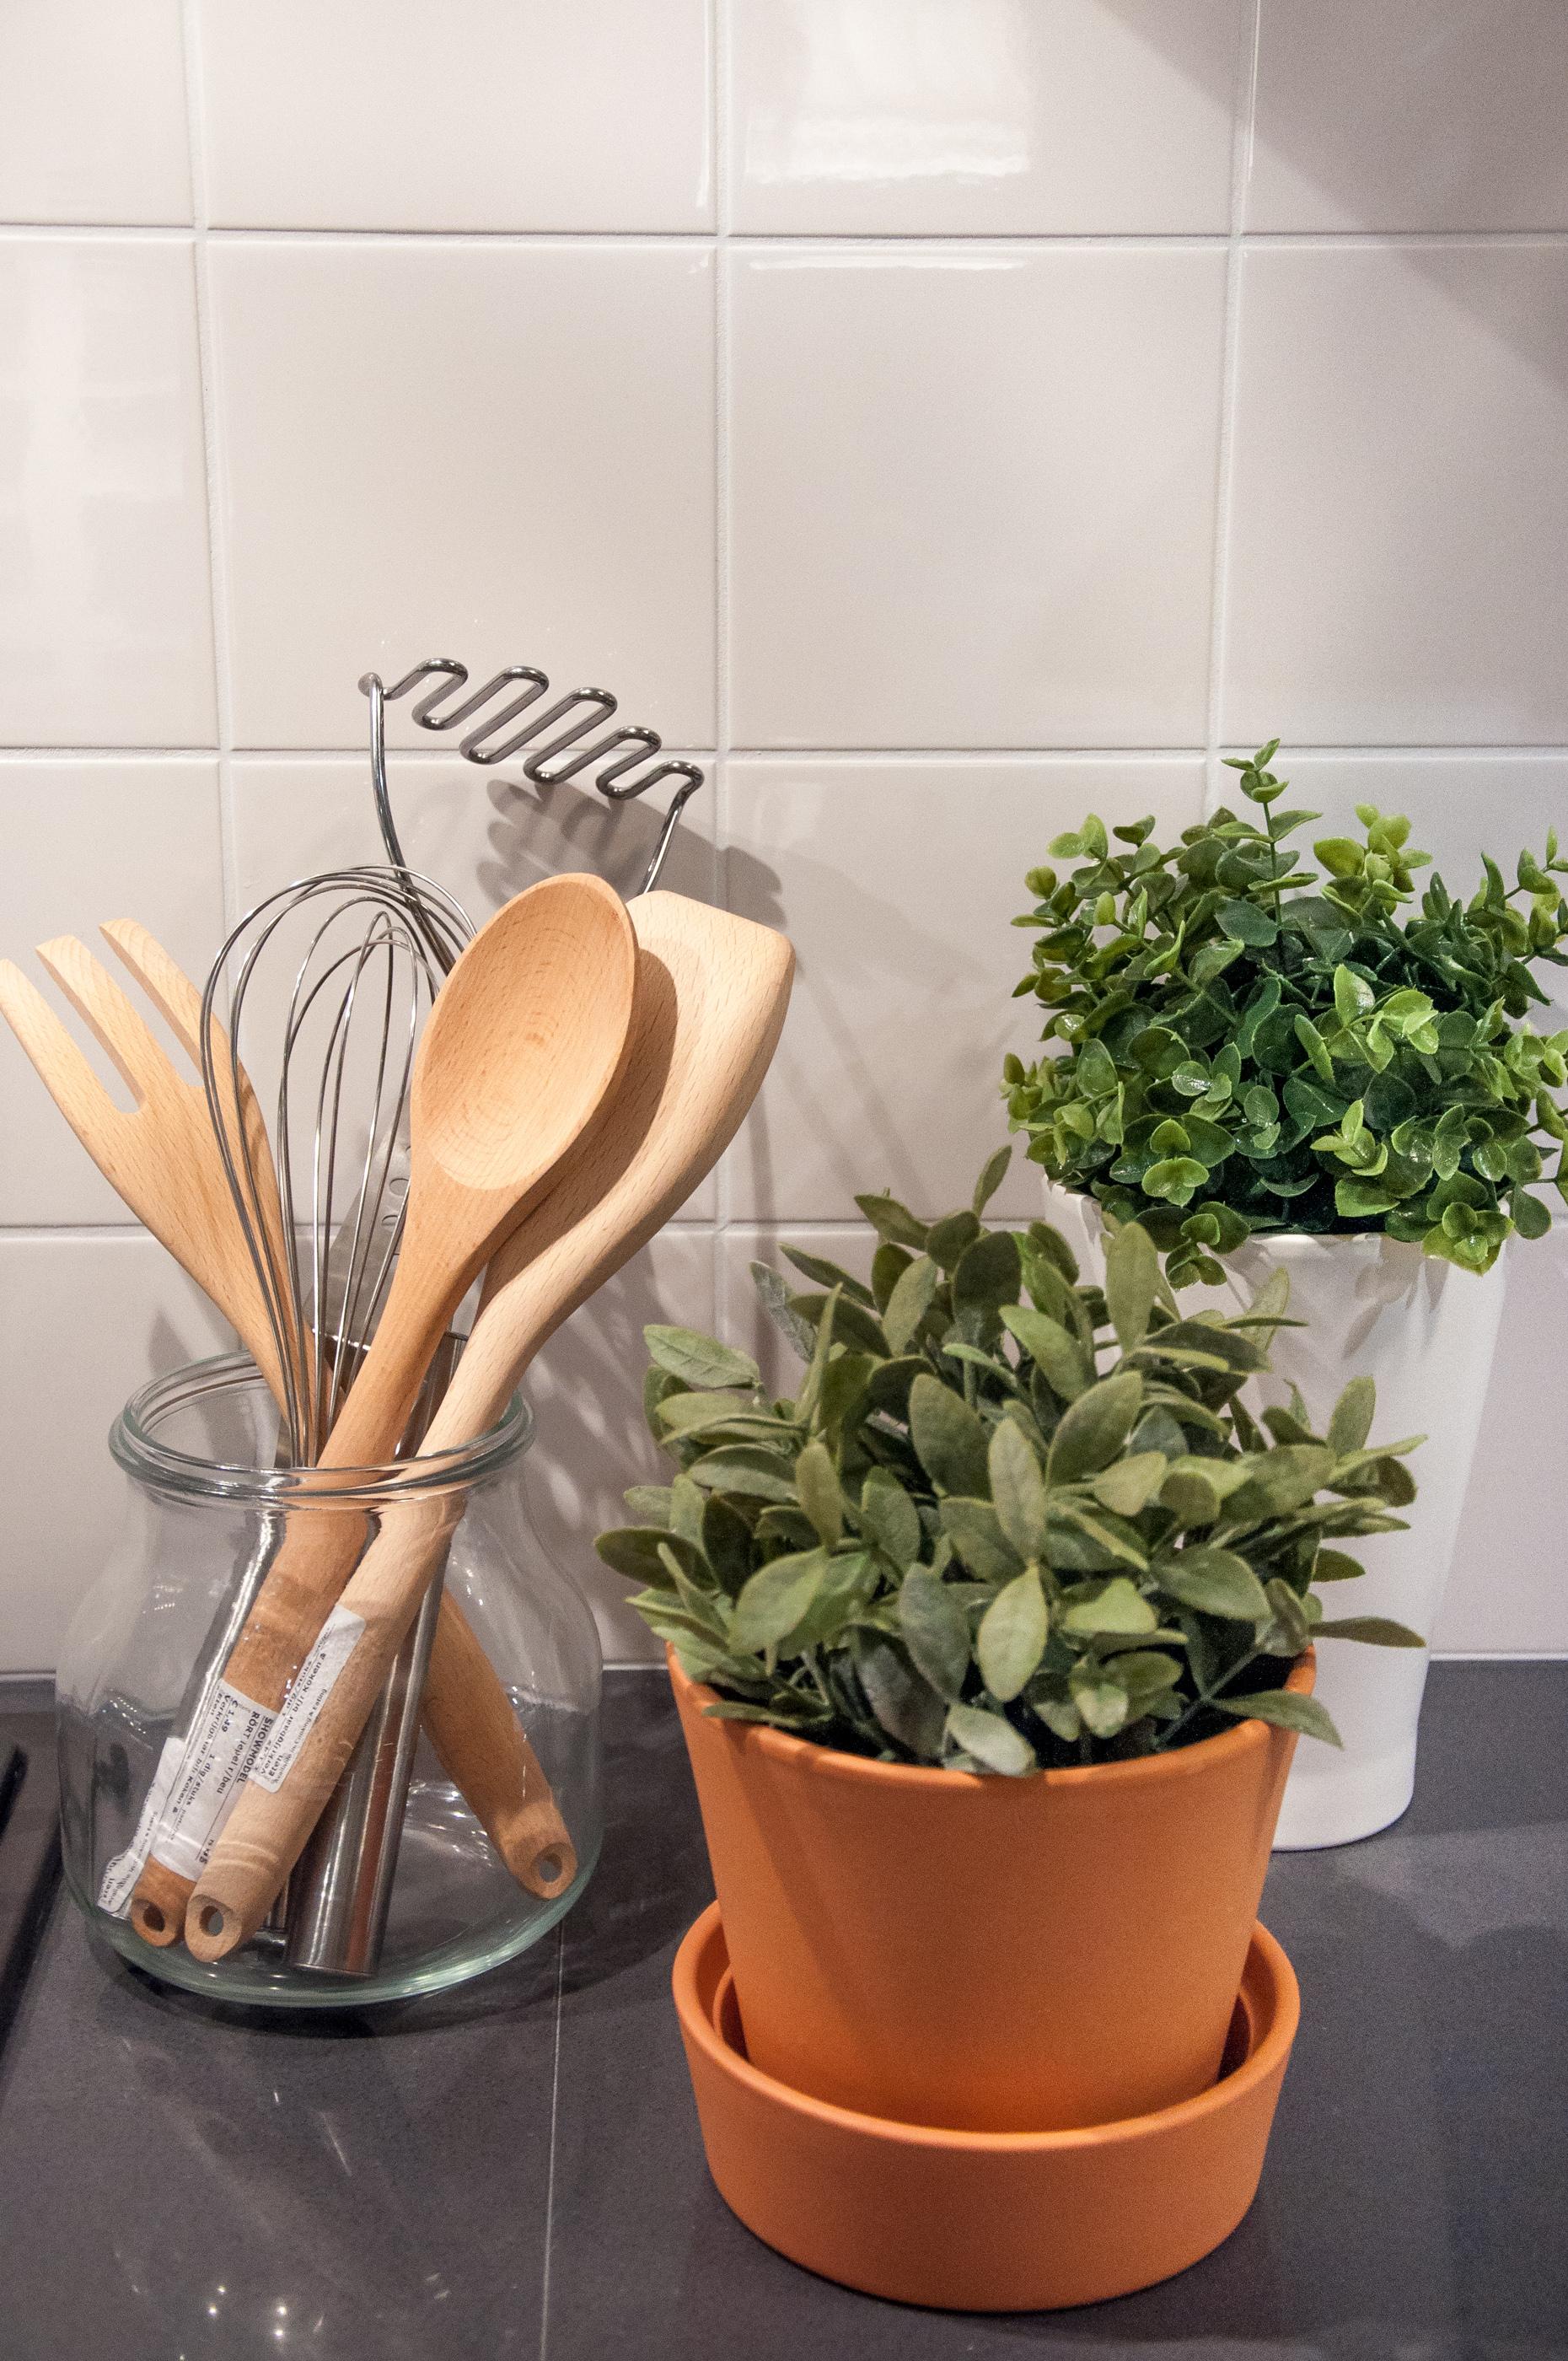 Wooden kitchen utensils photo